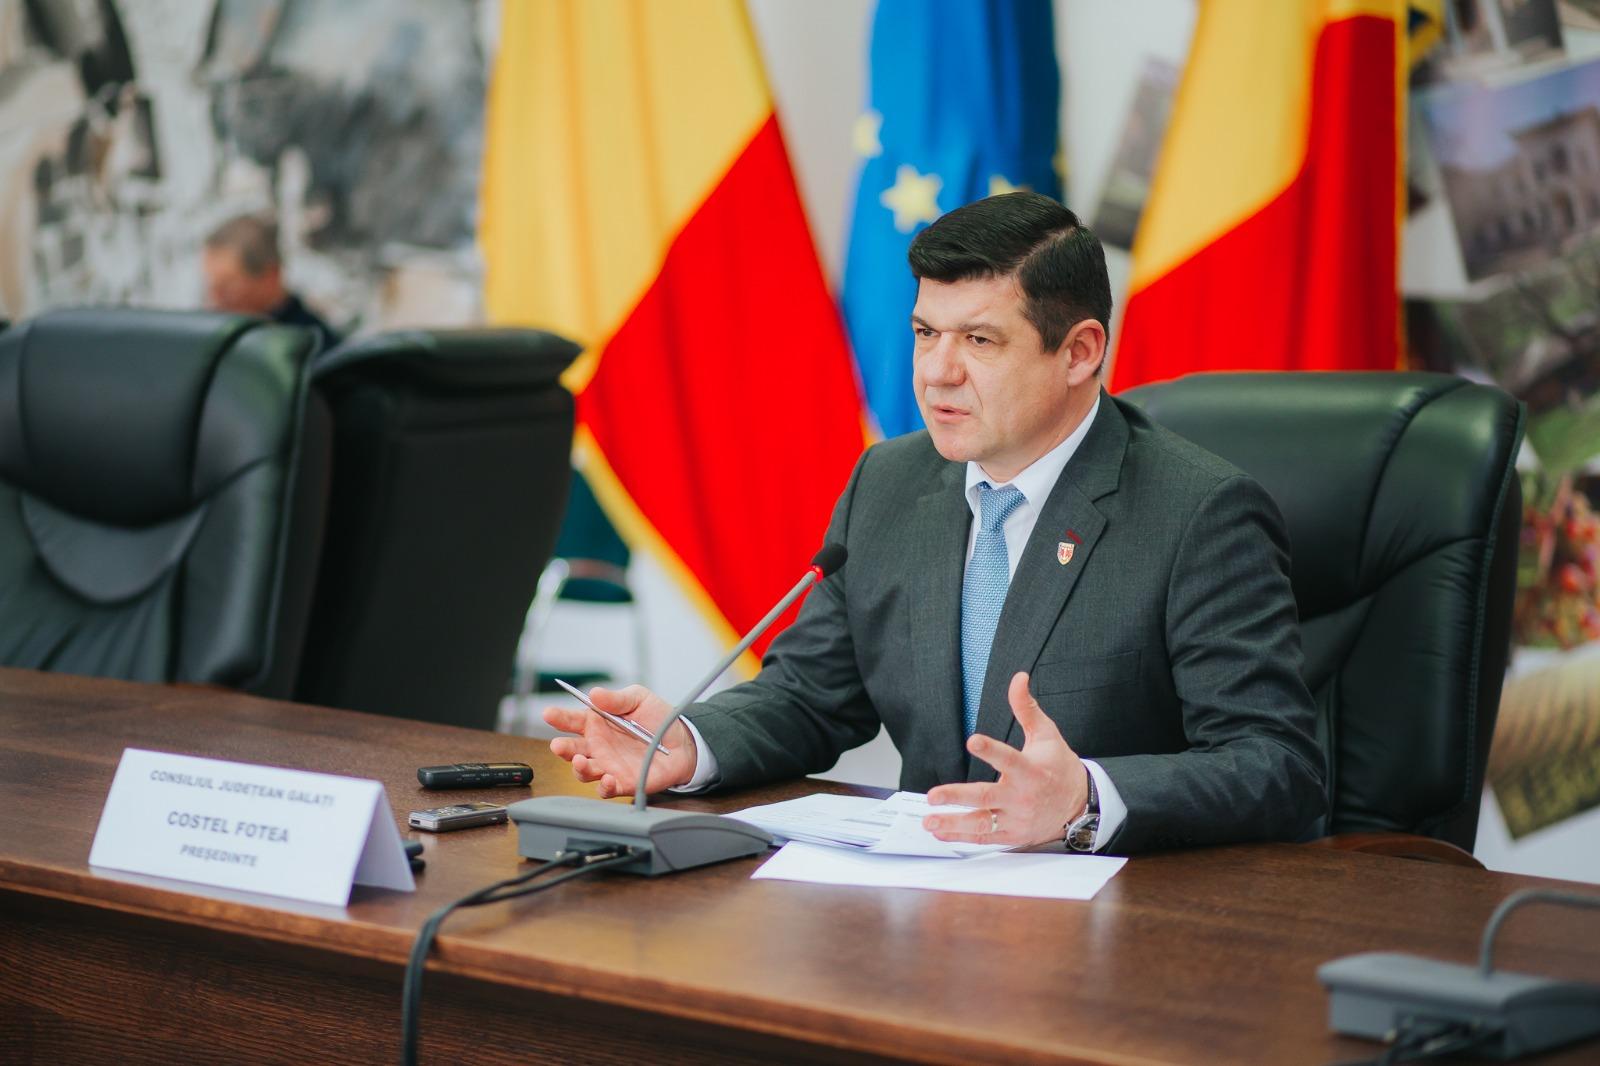 Judetul Galati va avea un buget record pentru investitii, anunta presedintele Consiliului Judetean